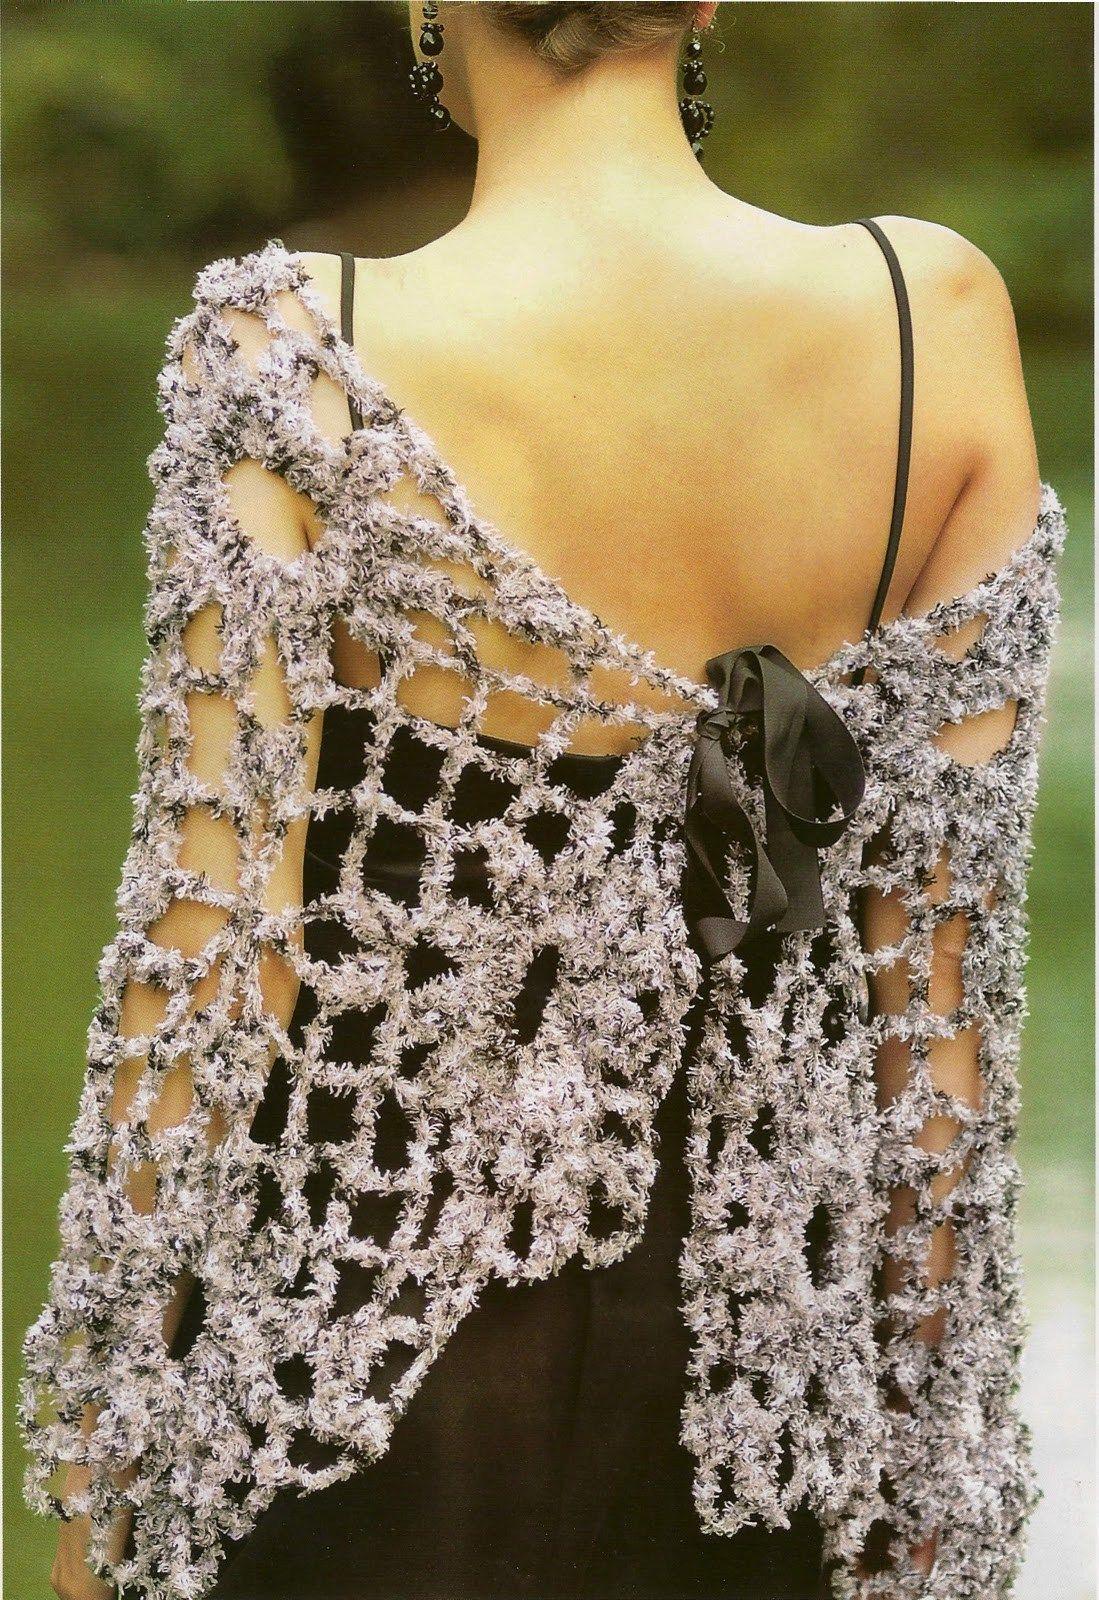 Crochet stole — Crochet by Yana